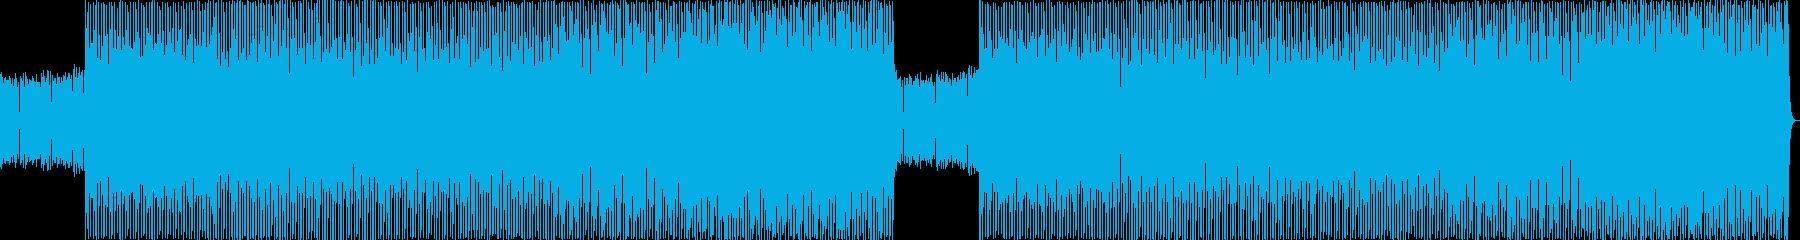 テクノとハウスを織り交ぜた楽曲の再生済みの波形